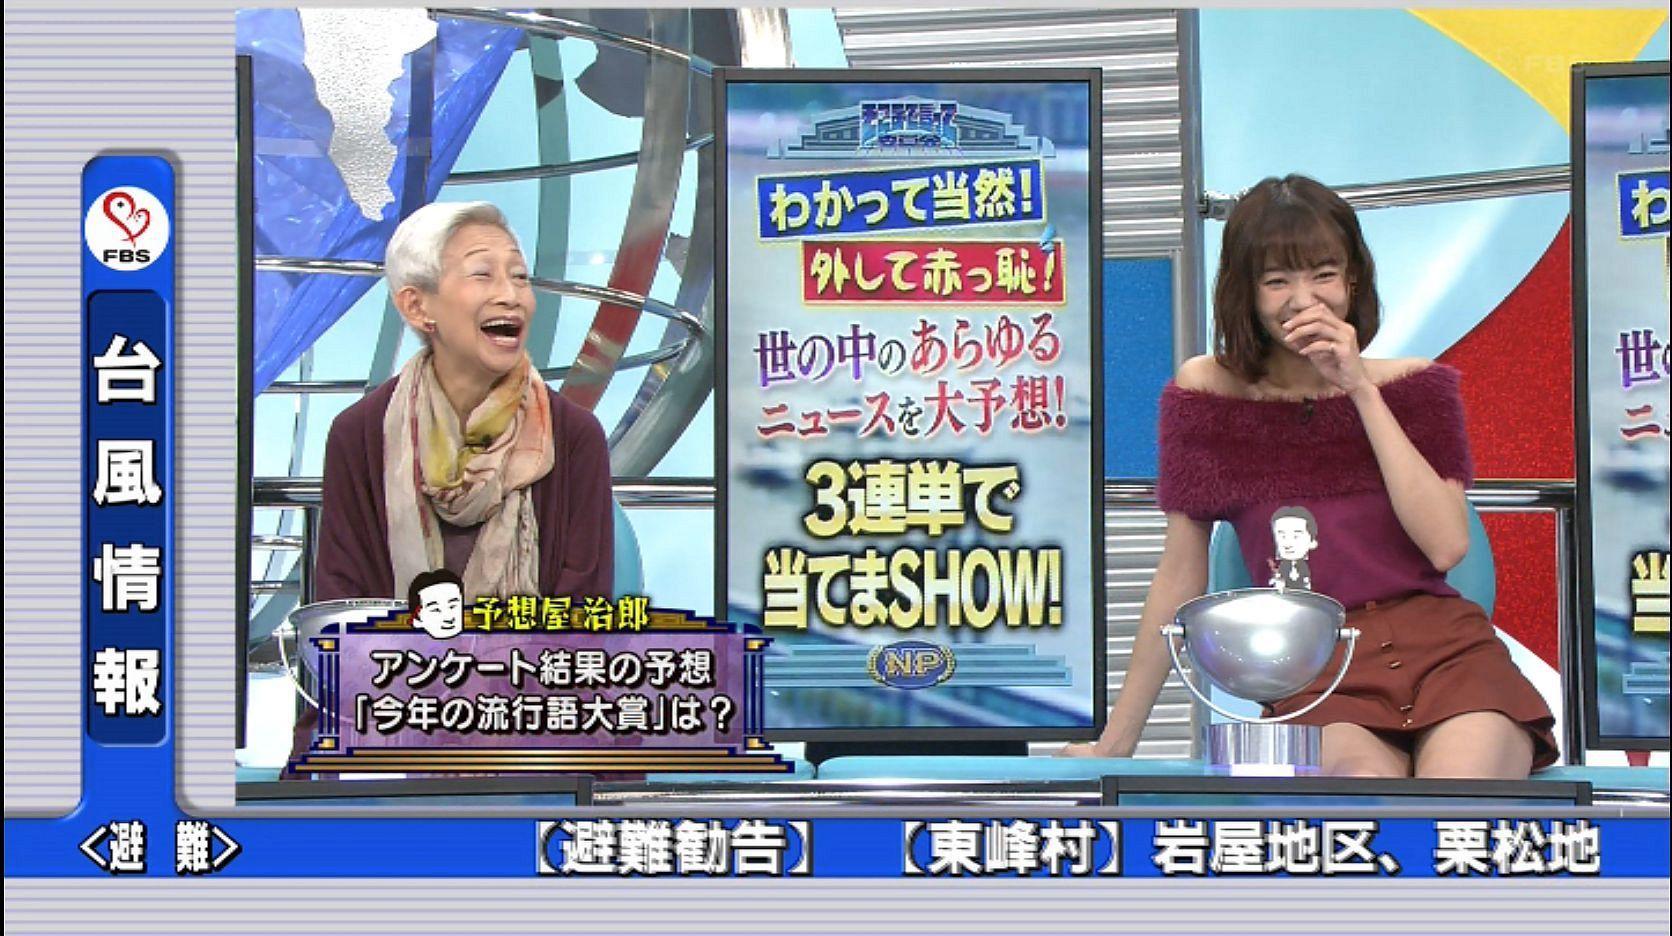 岡田紗佳さんのパンツ見えそうな衣装ww太ももがやらしい「そこまで言って委員会NP」エロ目線キャプ画像